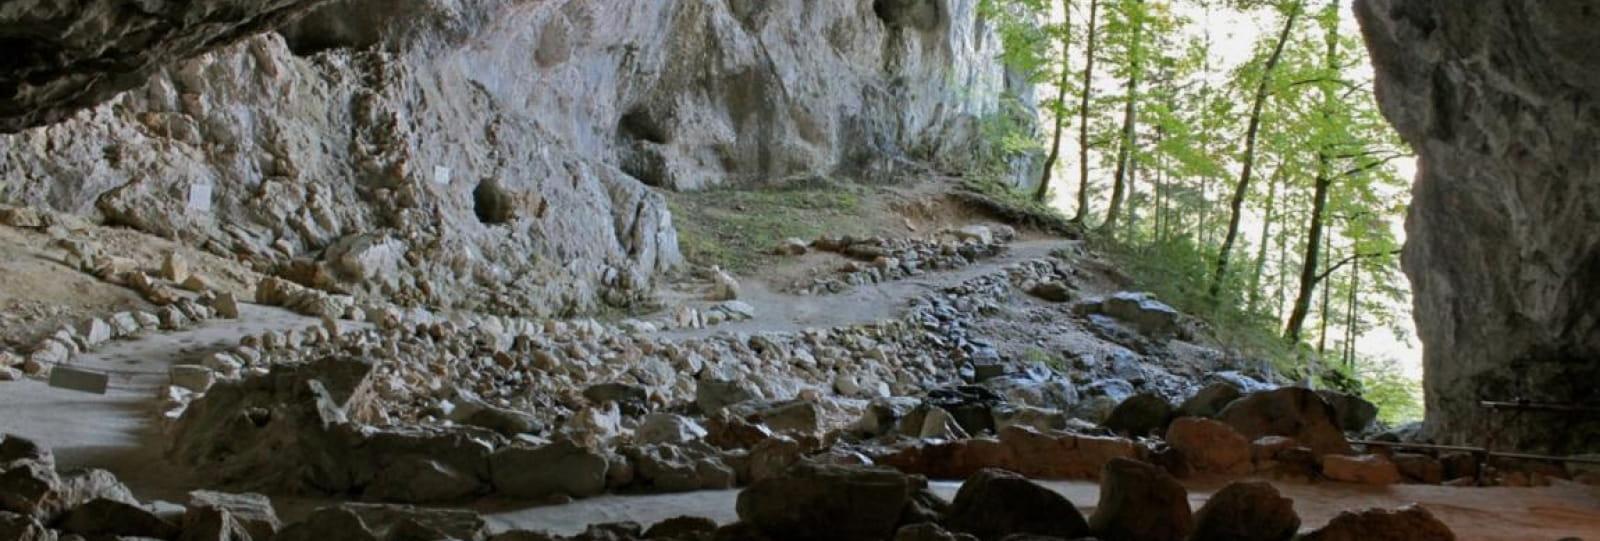 Porche de la Grotte de la Luire